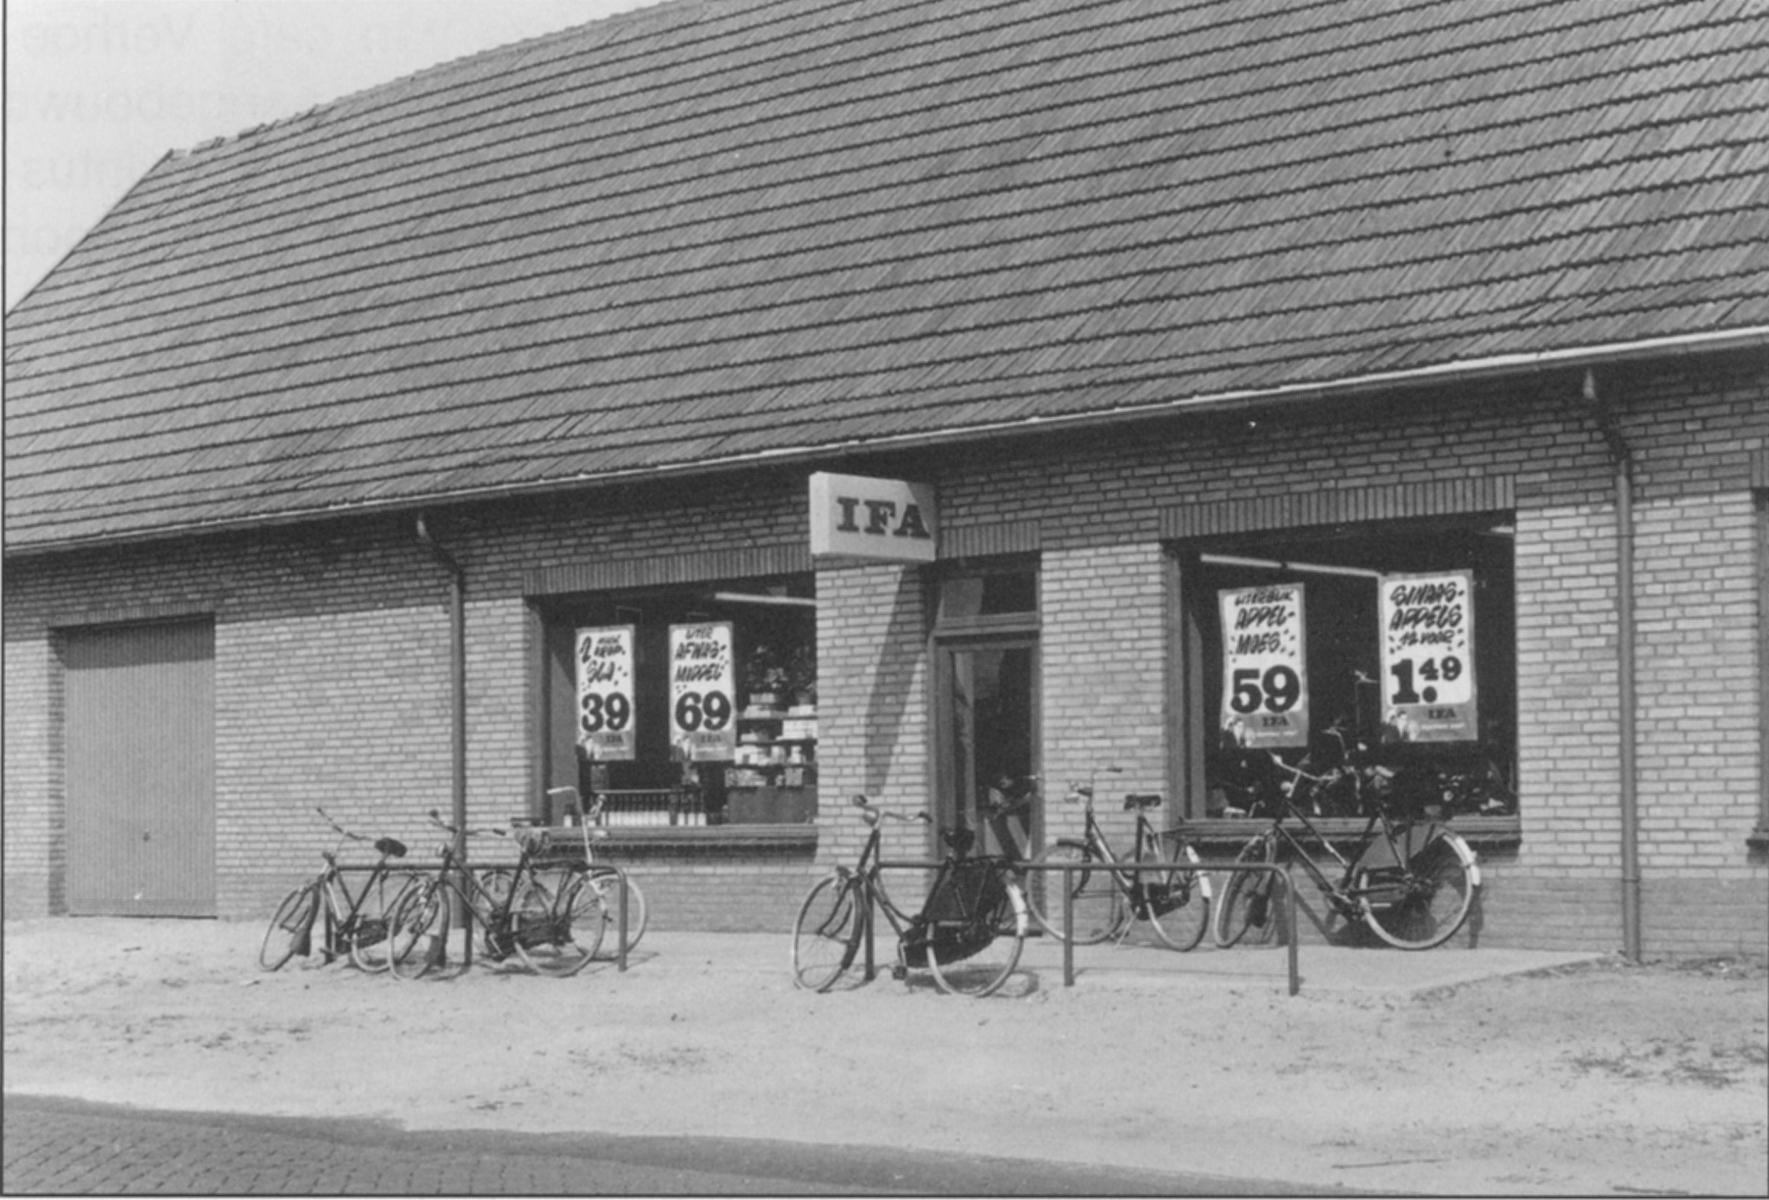 Datering 1971. Opening van de IFA-winkel van Harrie Biemans